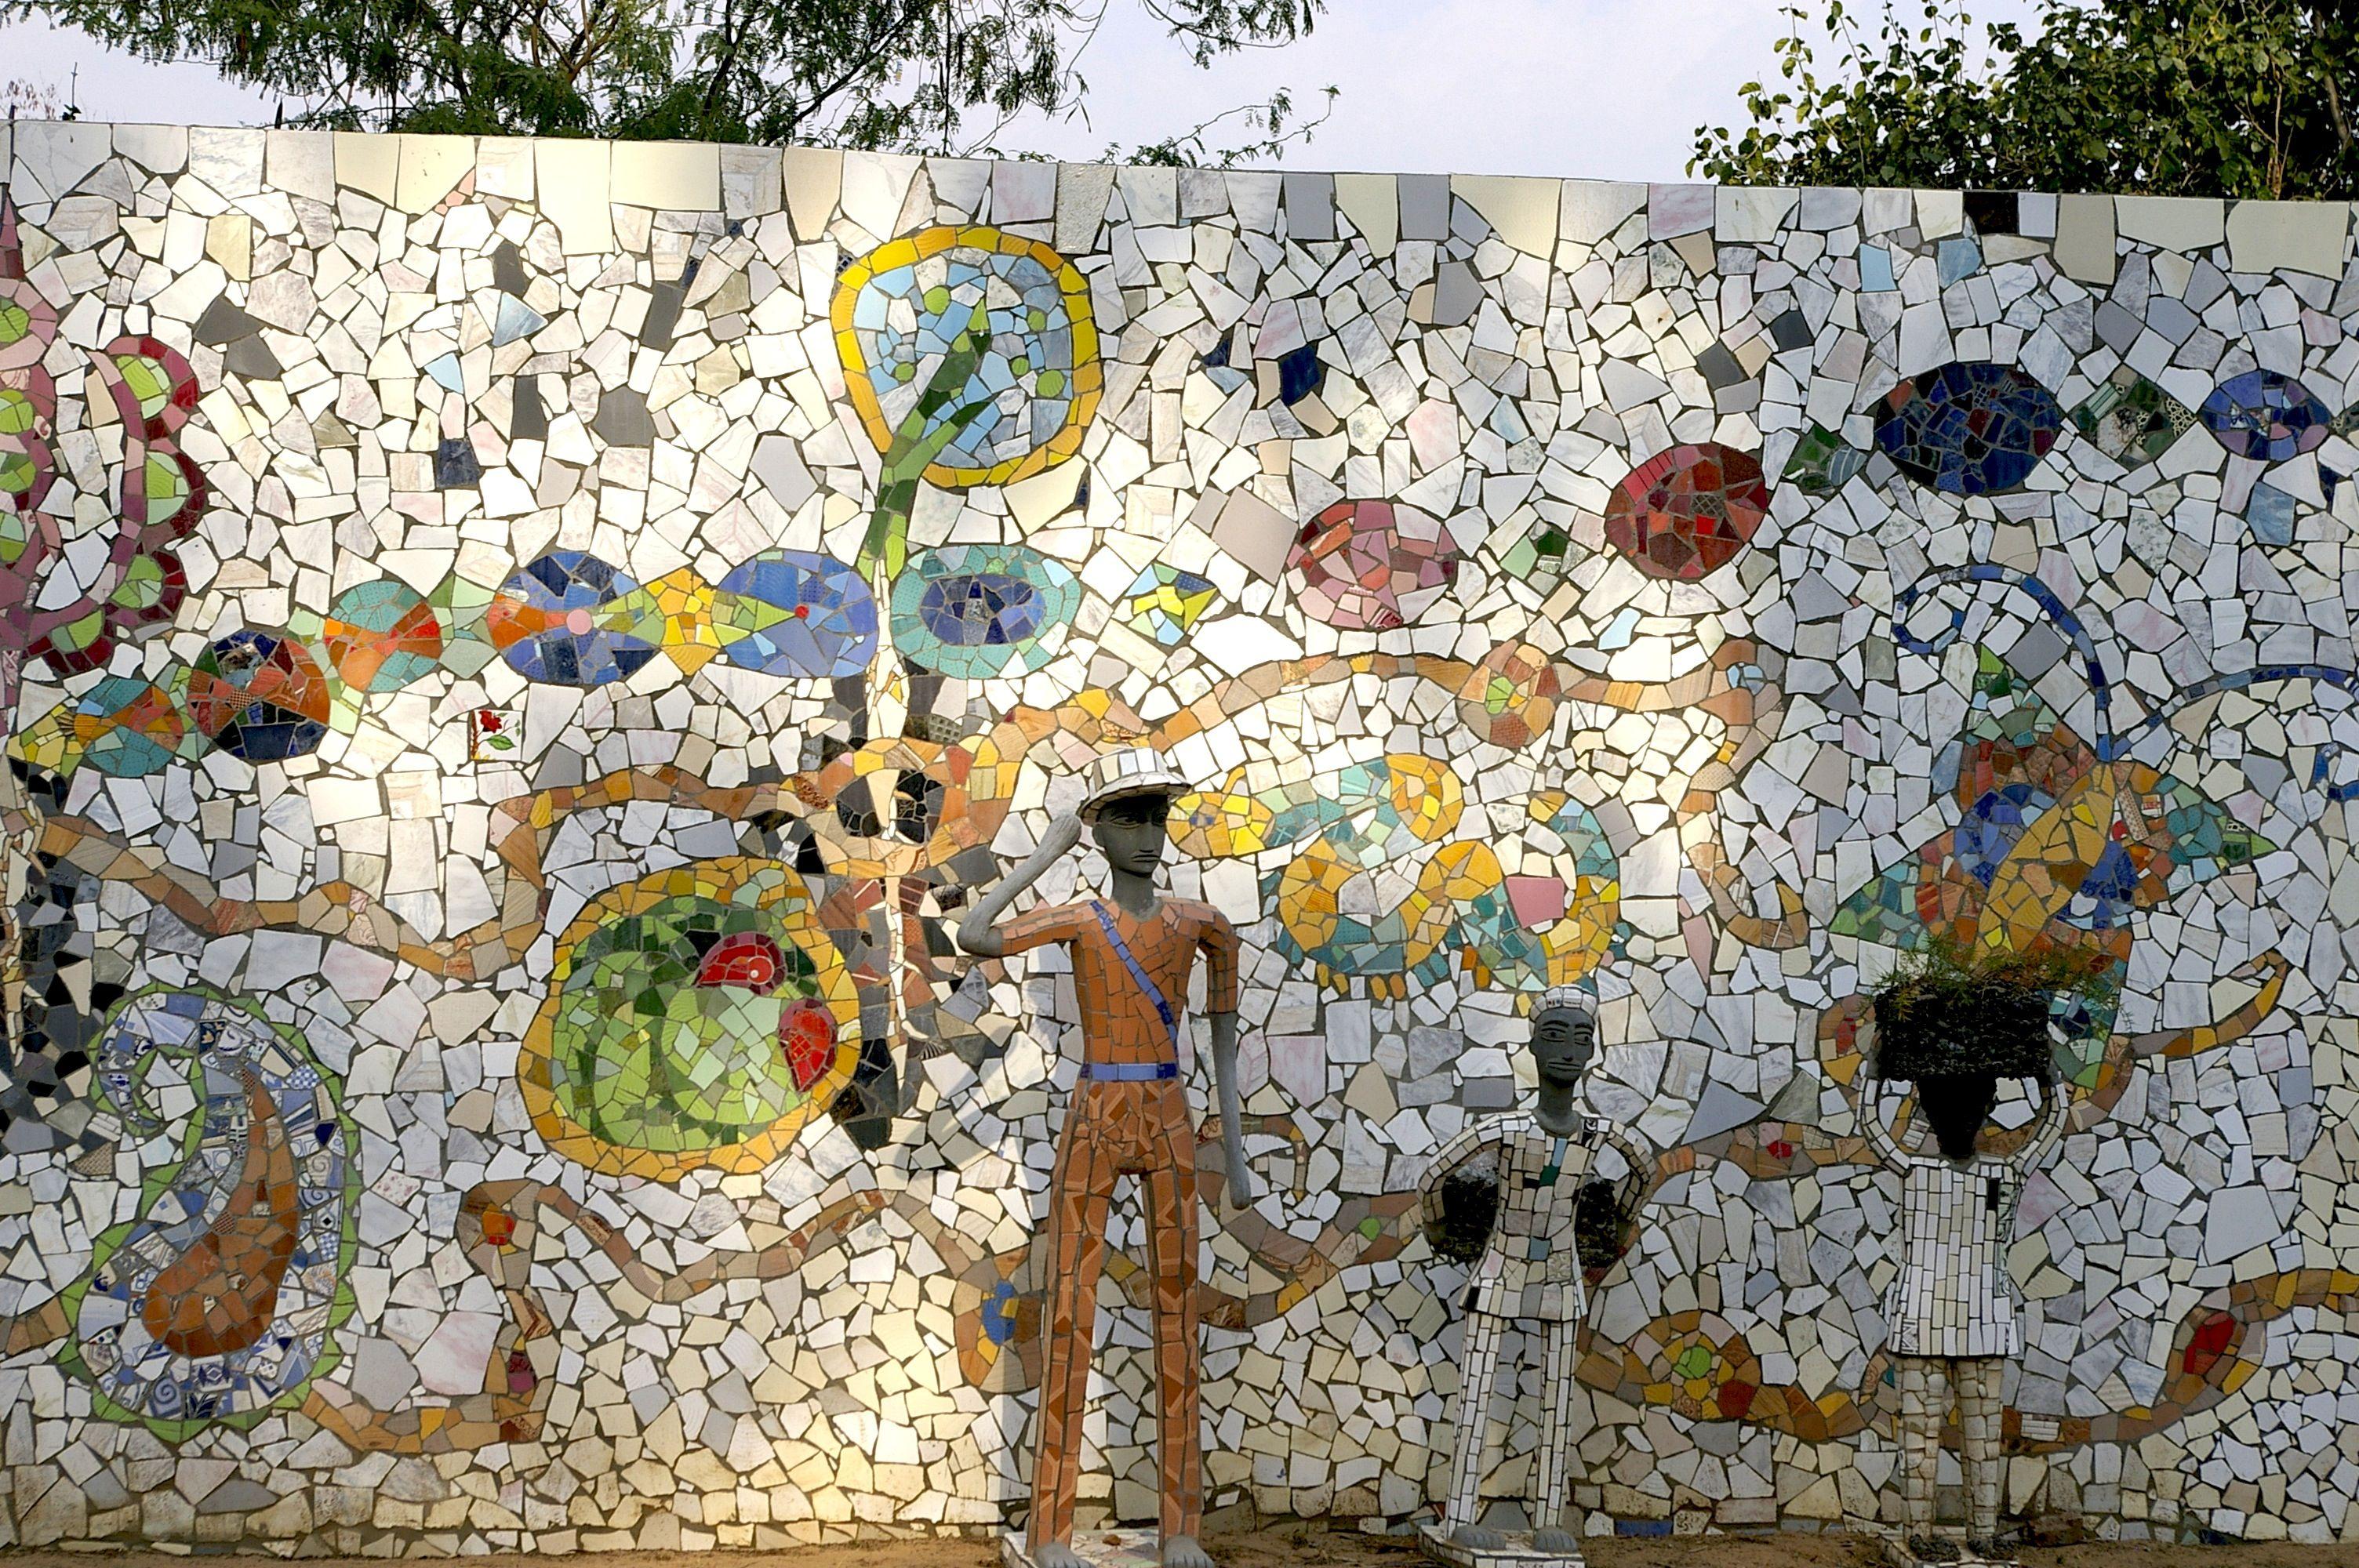 Mosaics At The Rock Garden Chandigarh Creative Art Mosaic Art